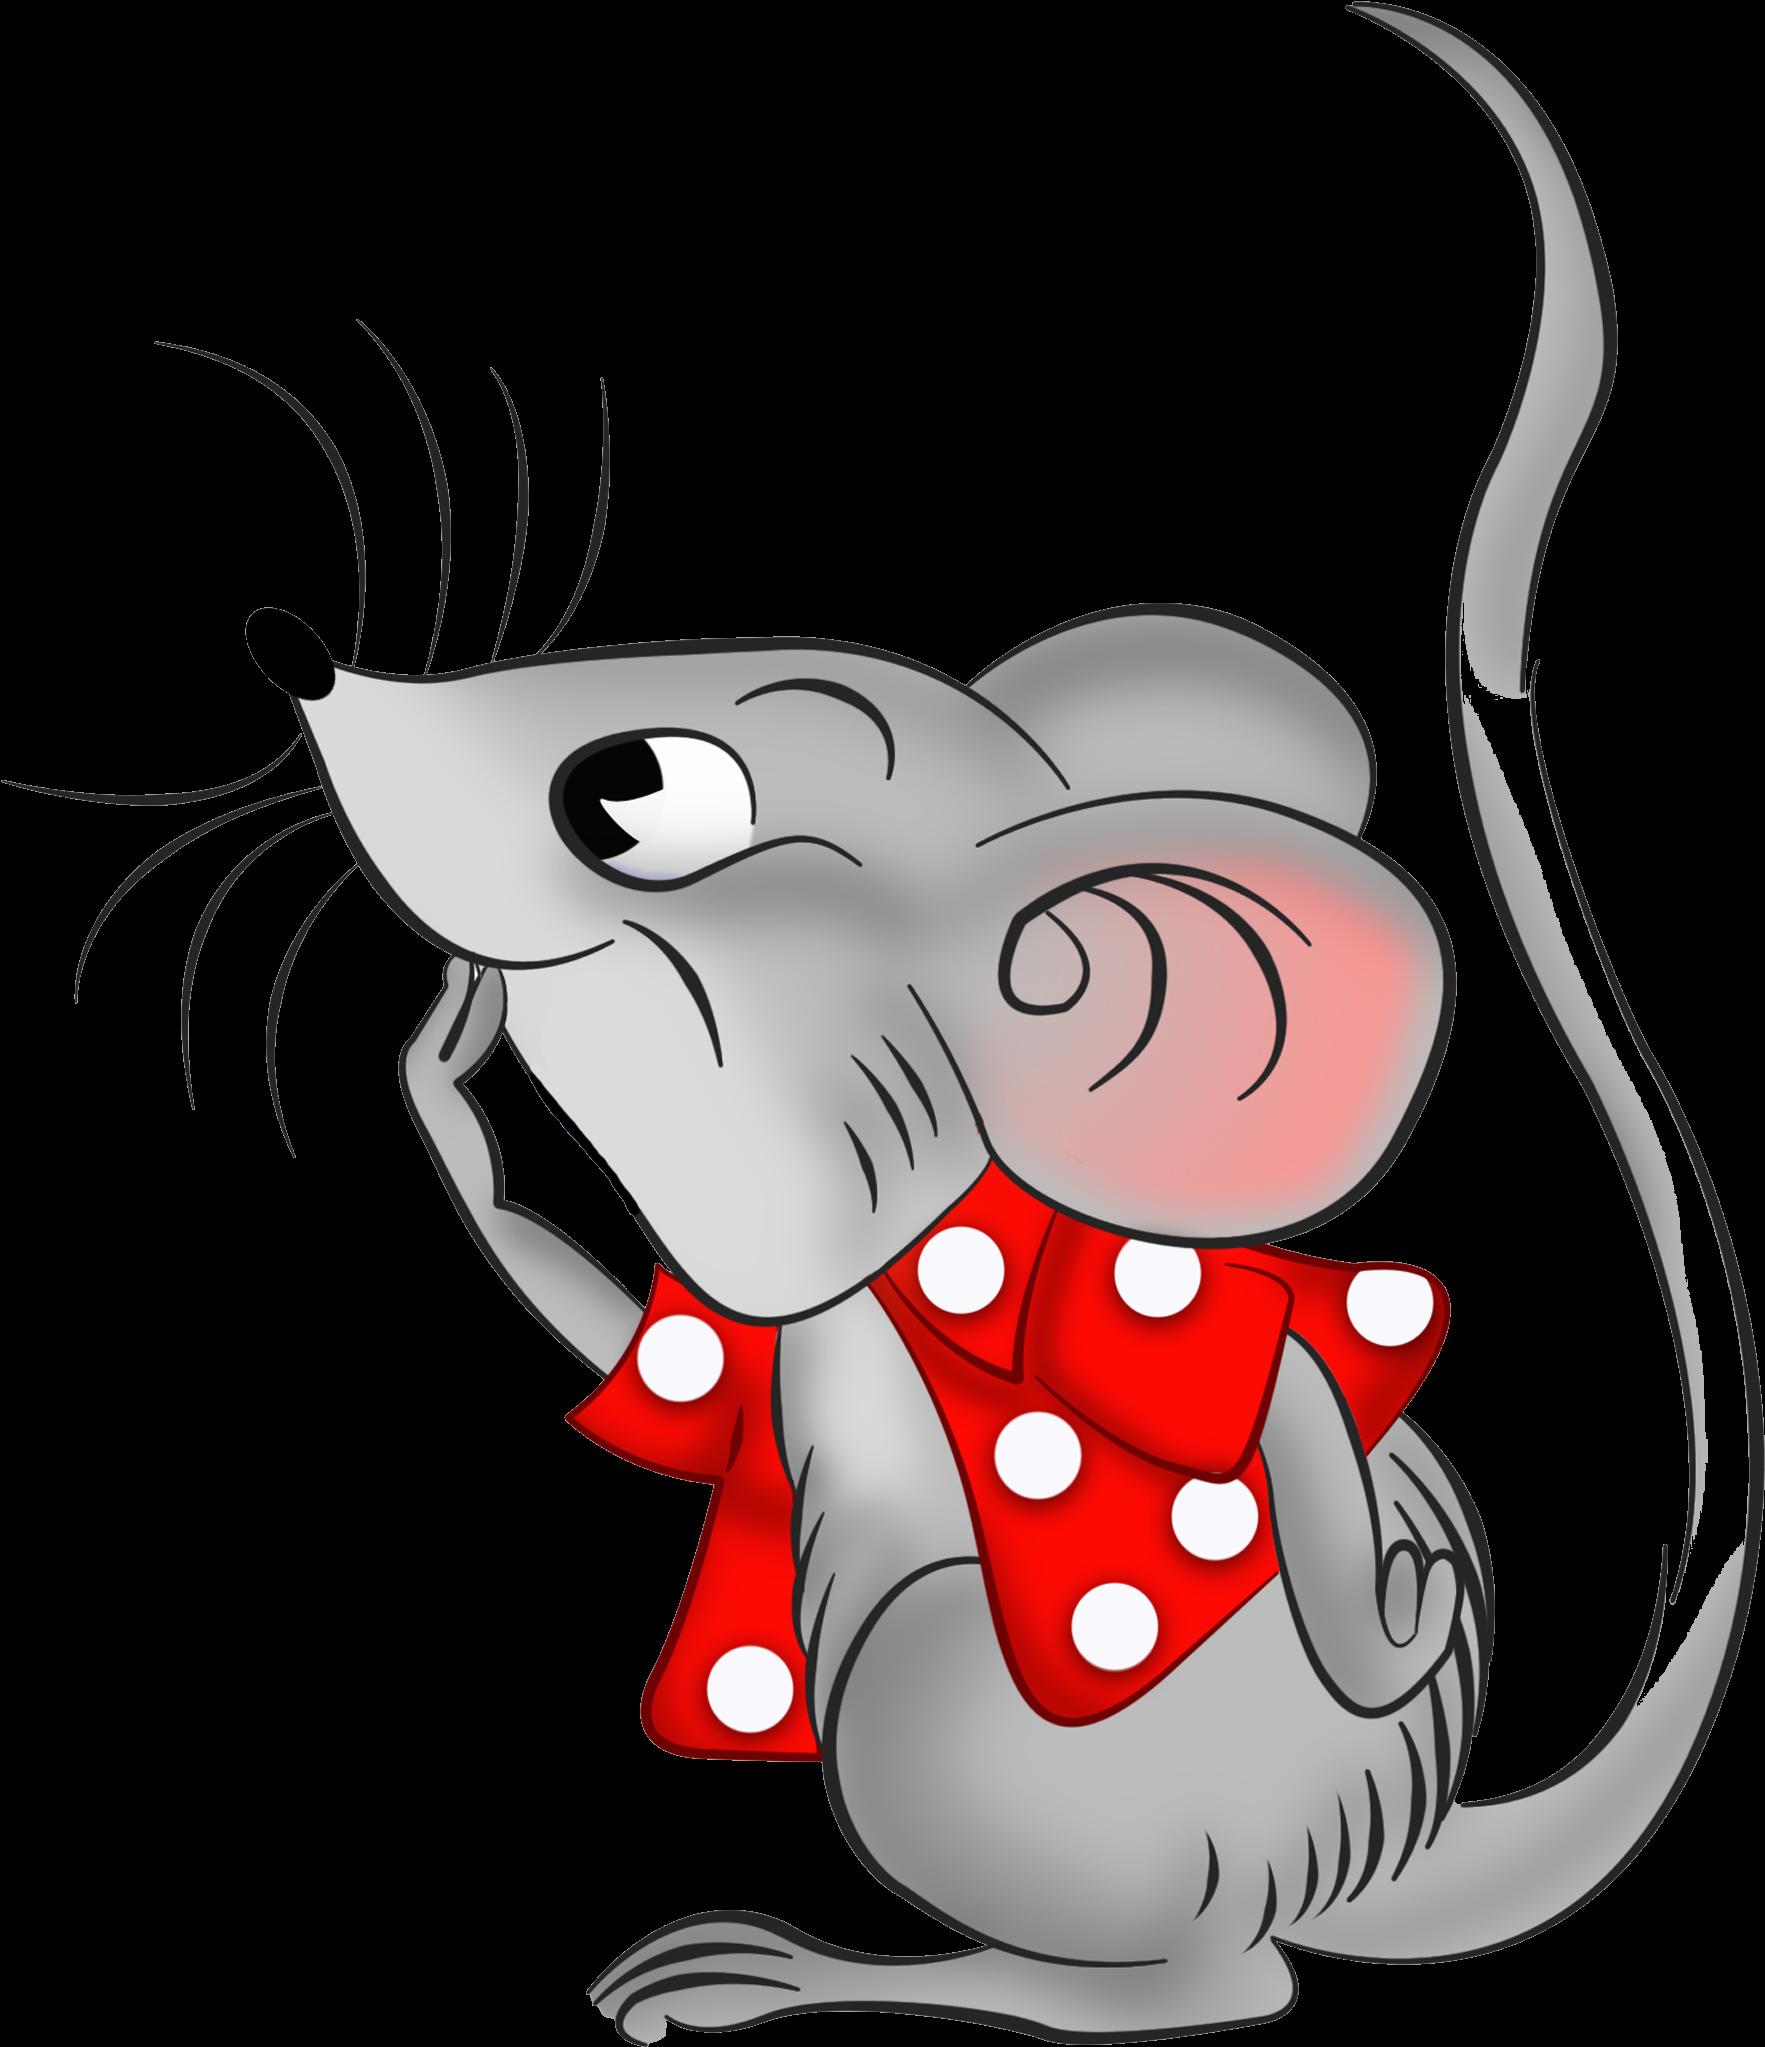 Надписью, мышка с мышонком картинки для детей